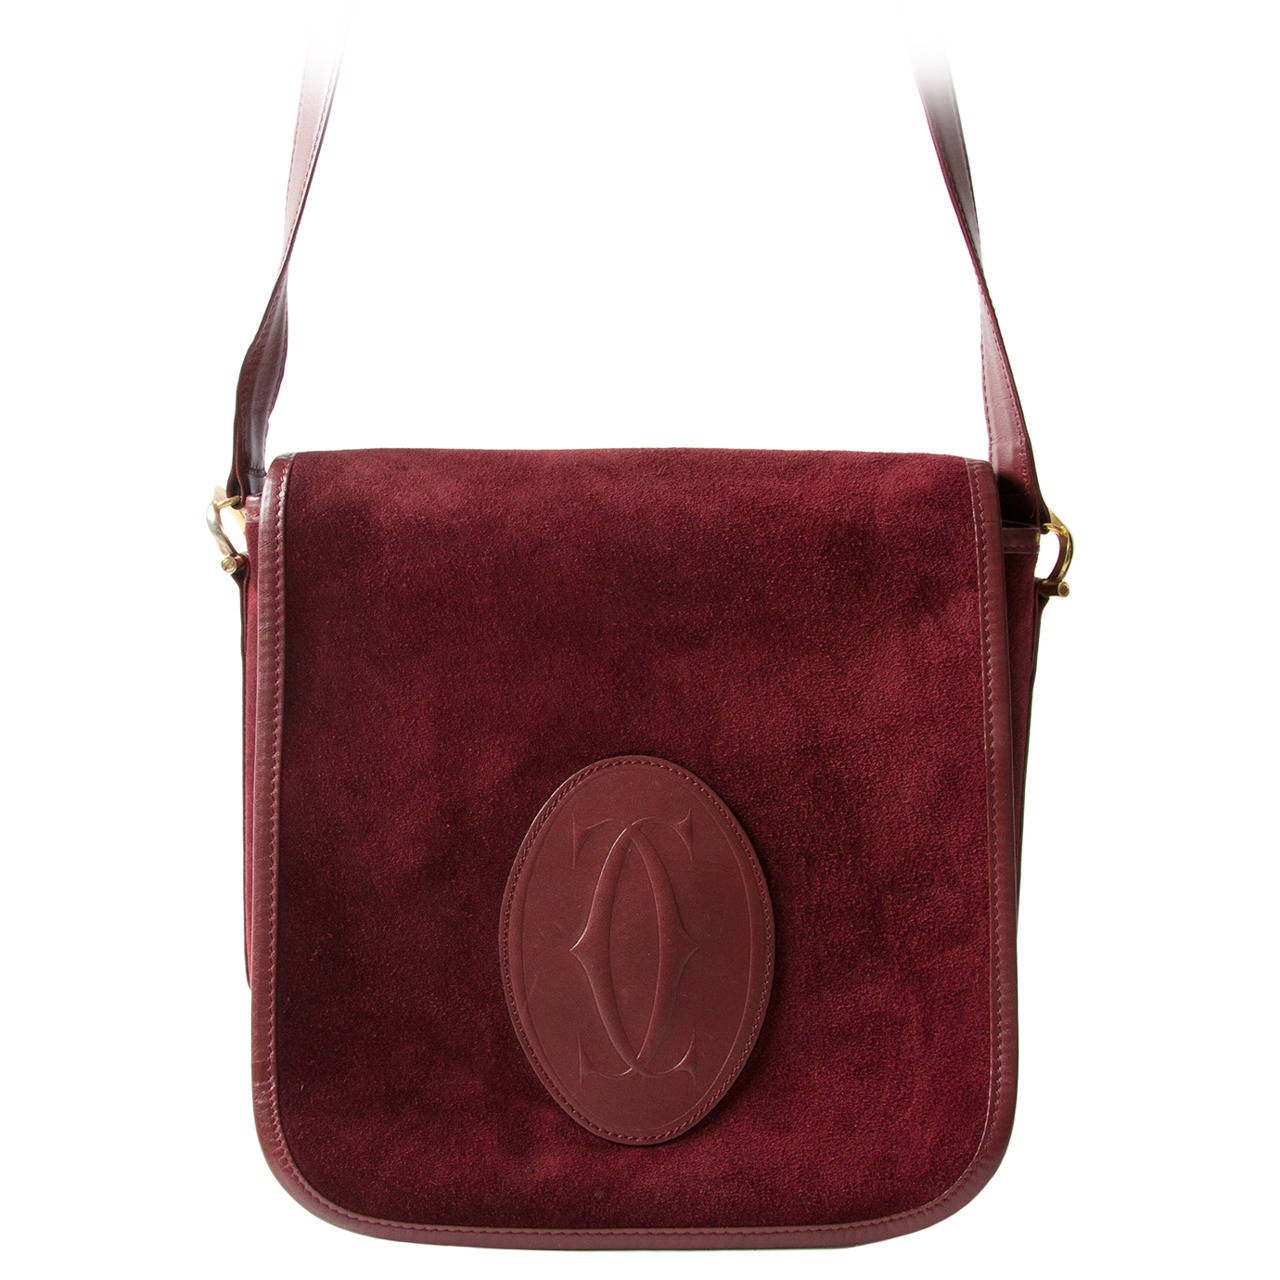 Image Result For Burgundy Clutch Bag